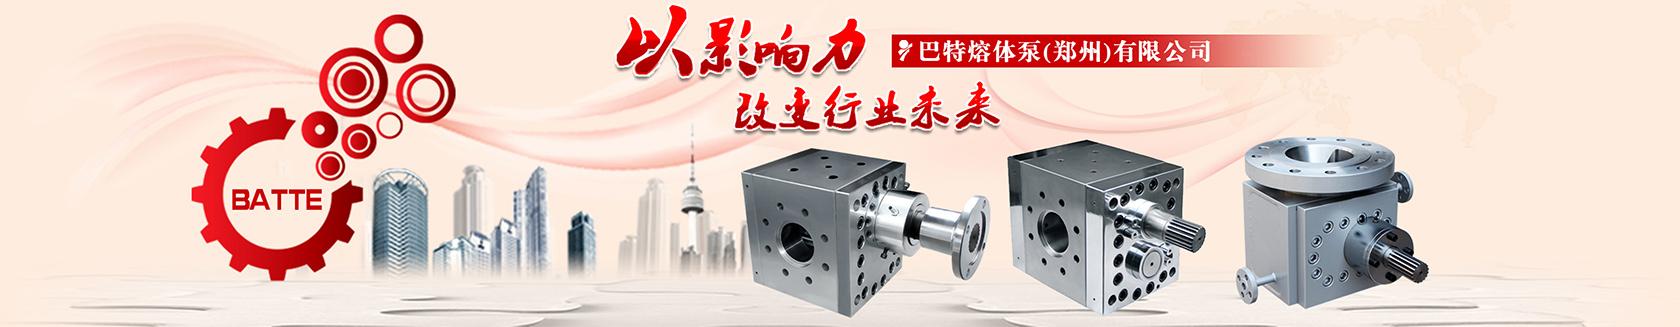 高起点高标准打造巴特熔体泵国际品牌